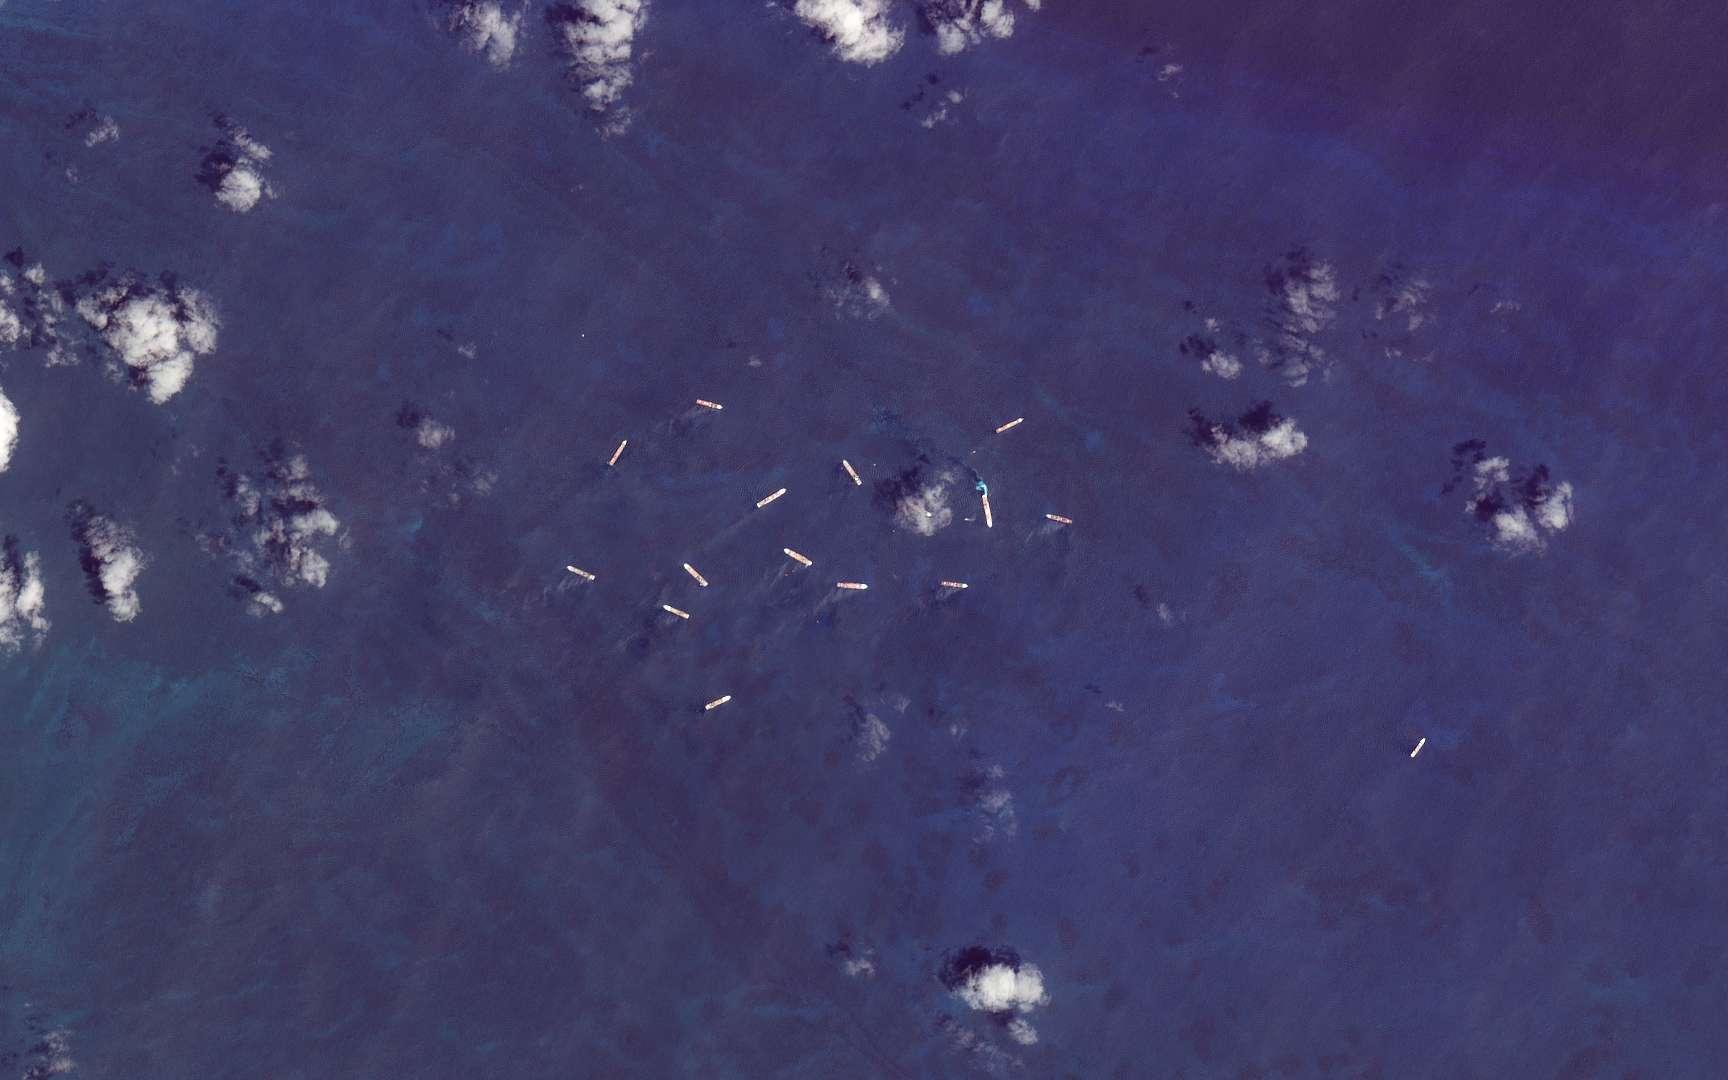 Un groupe de 15 paquebots de croisière au large de Coco Cay, l'île privée de Royal Caribbean. © 2020 Planet Labs, Inc